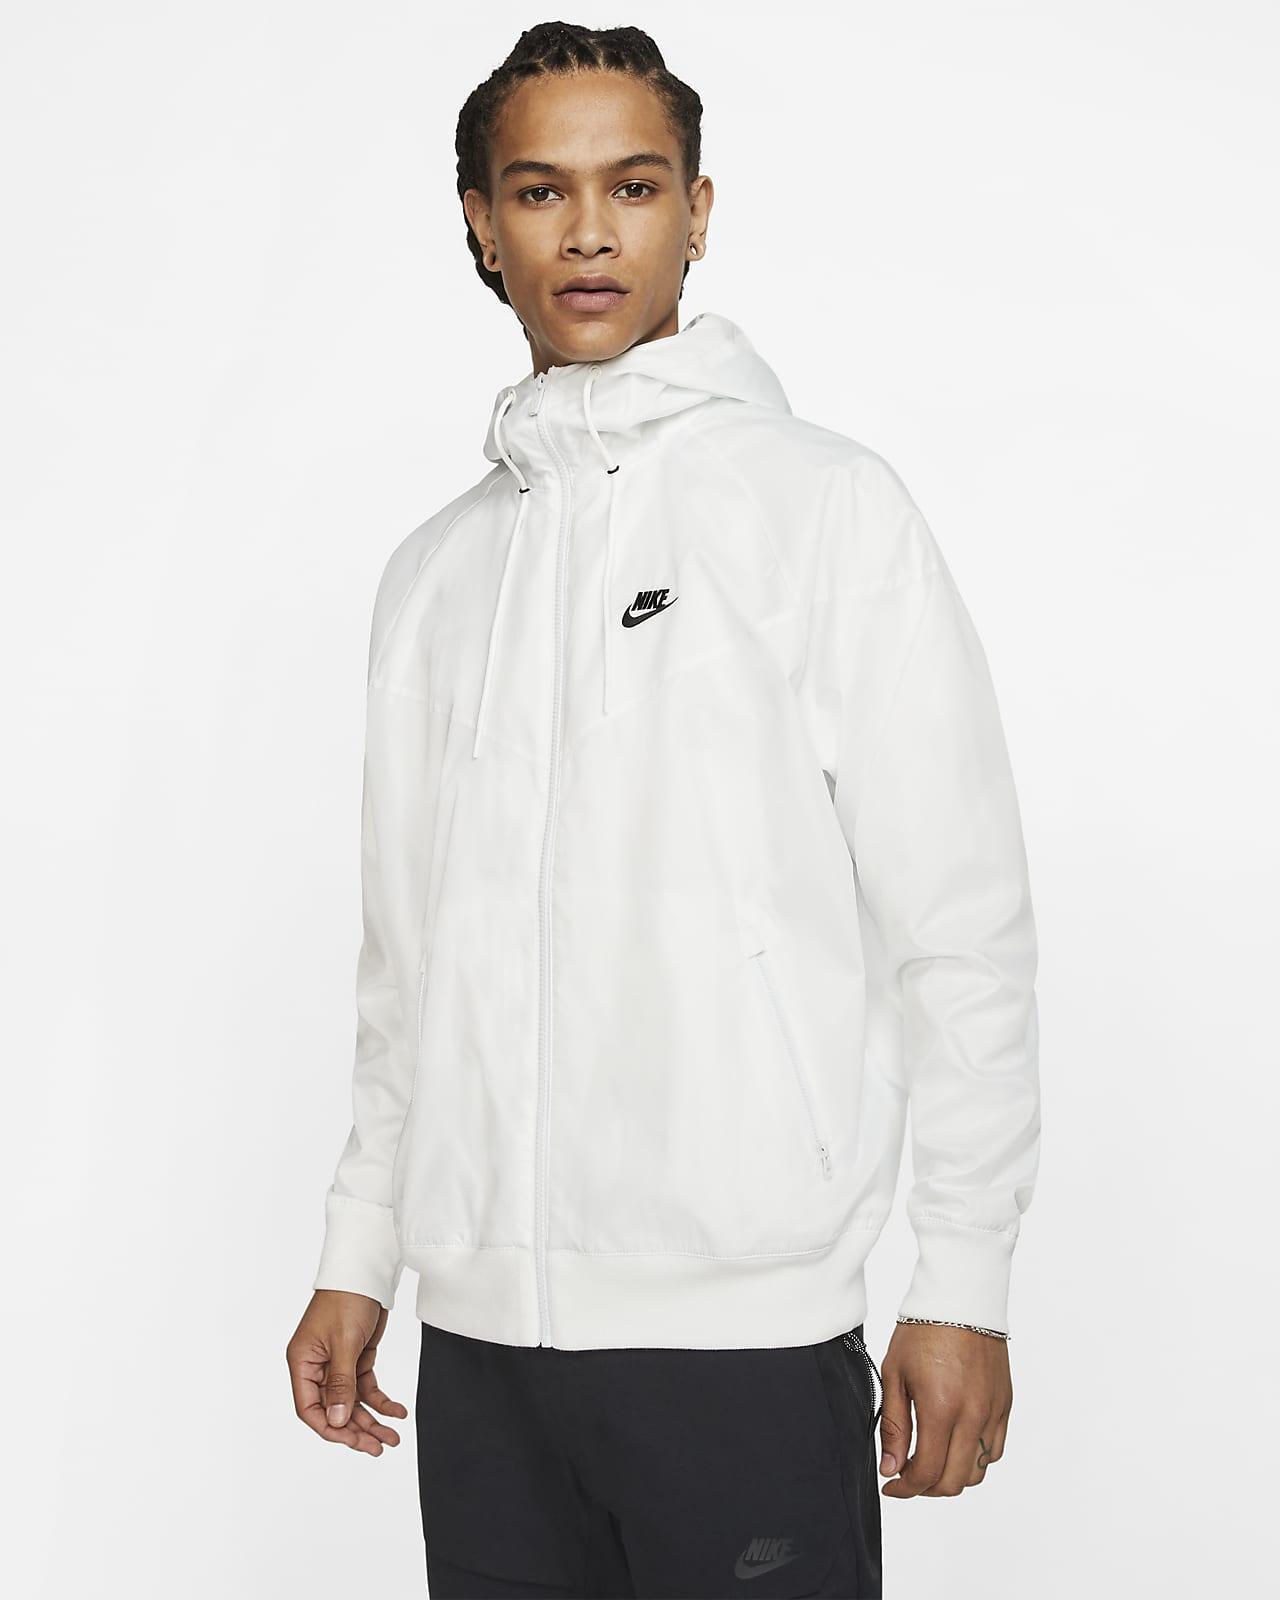 Αντιανεμικό με κουκούλα Nike Sportswear Windrunner